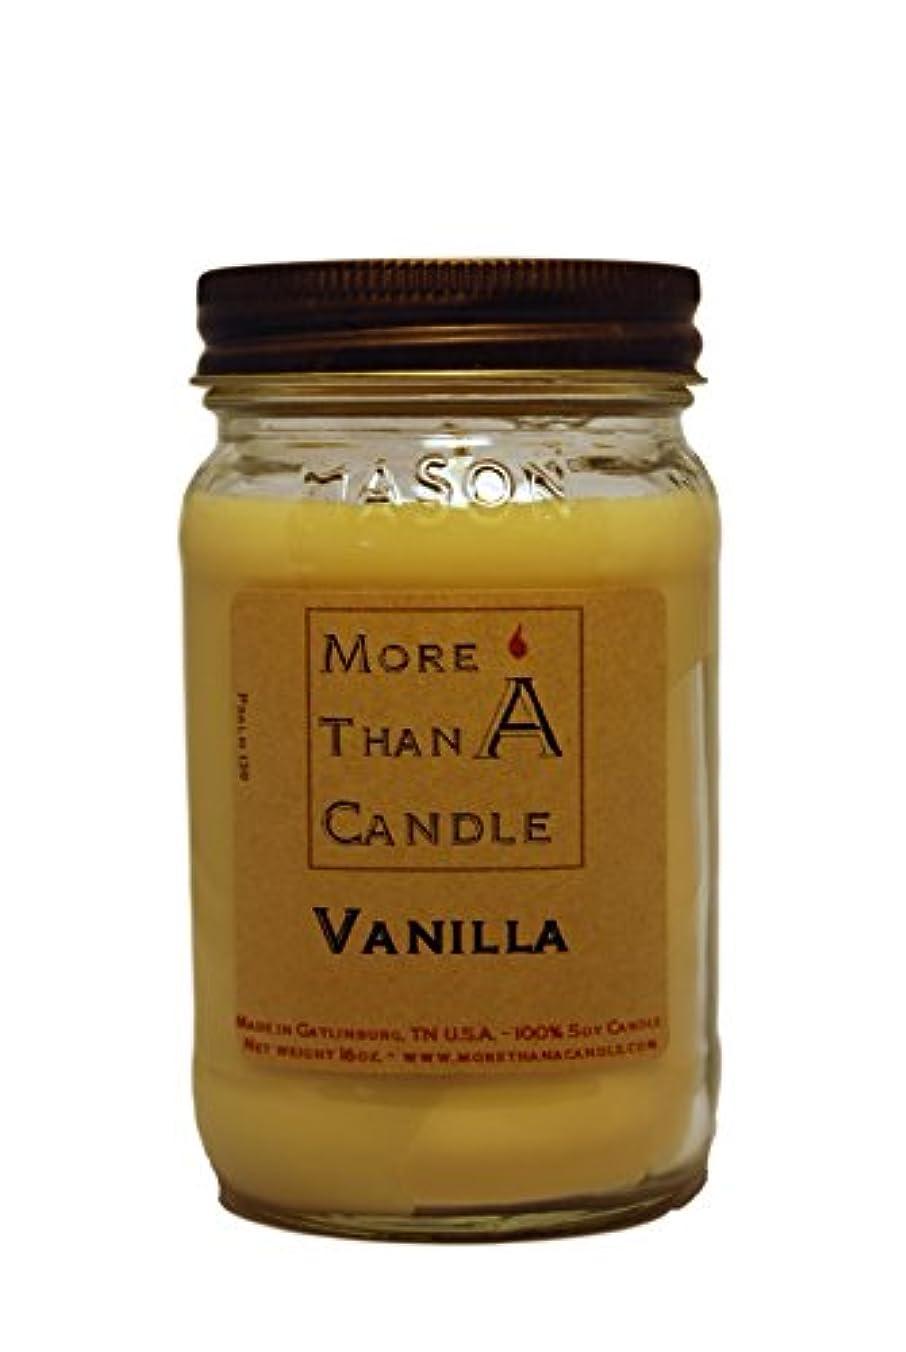 共産主義者勝つ売るMore Than A Candle VNA16M 16 oz Mason Jar Soy Candle, Vanilla